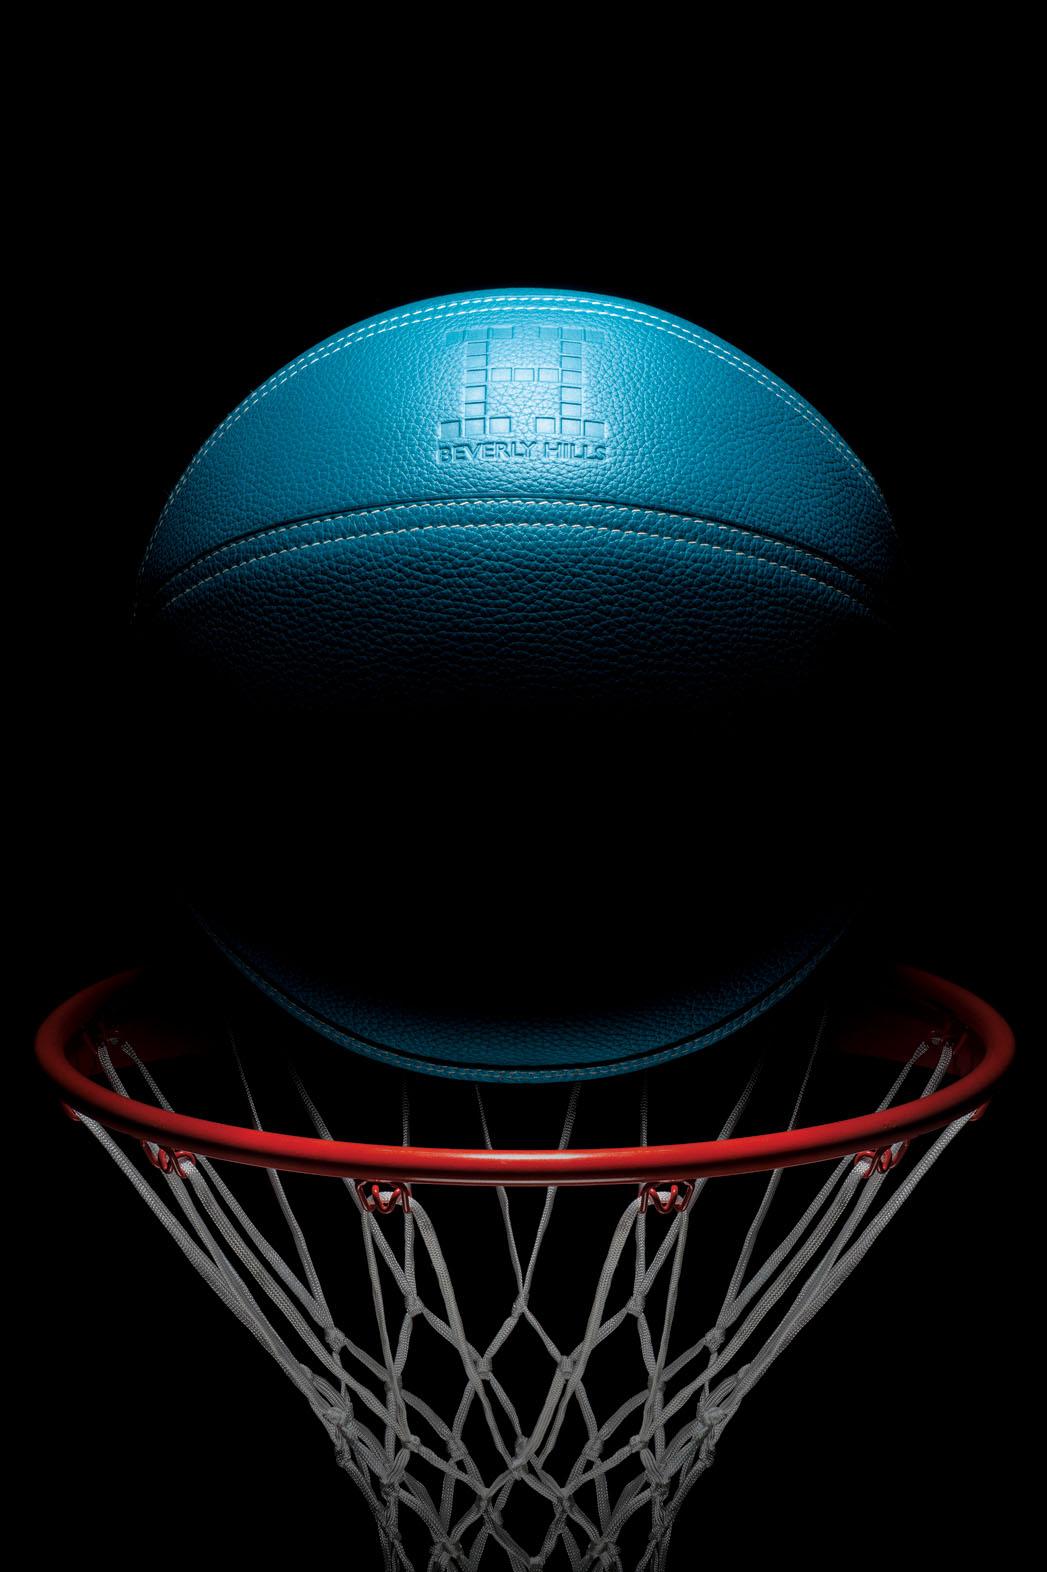 beverly_hills_basketball_a_p.jpg